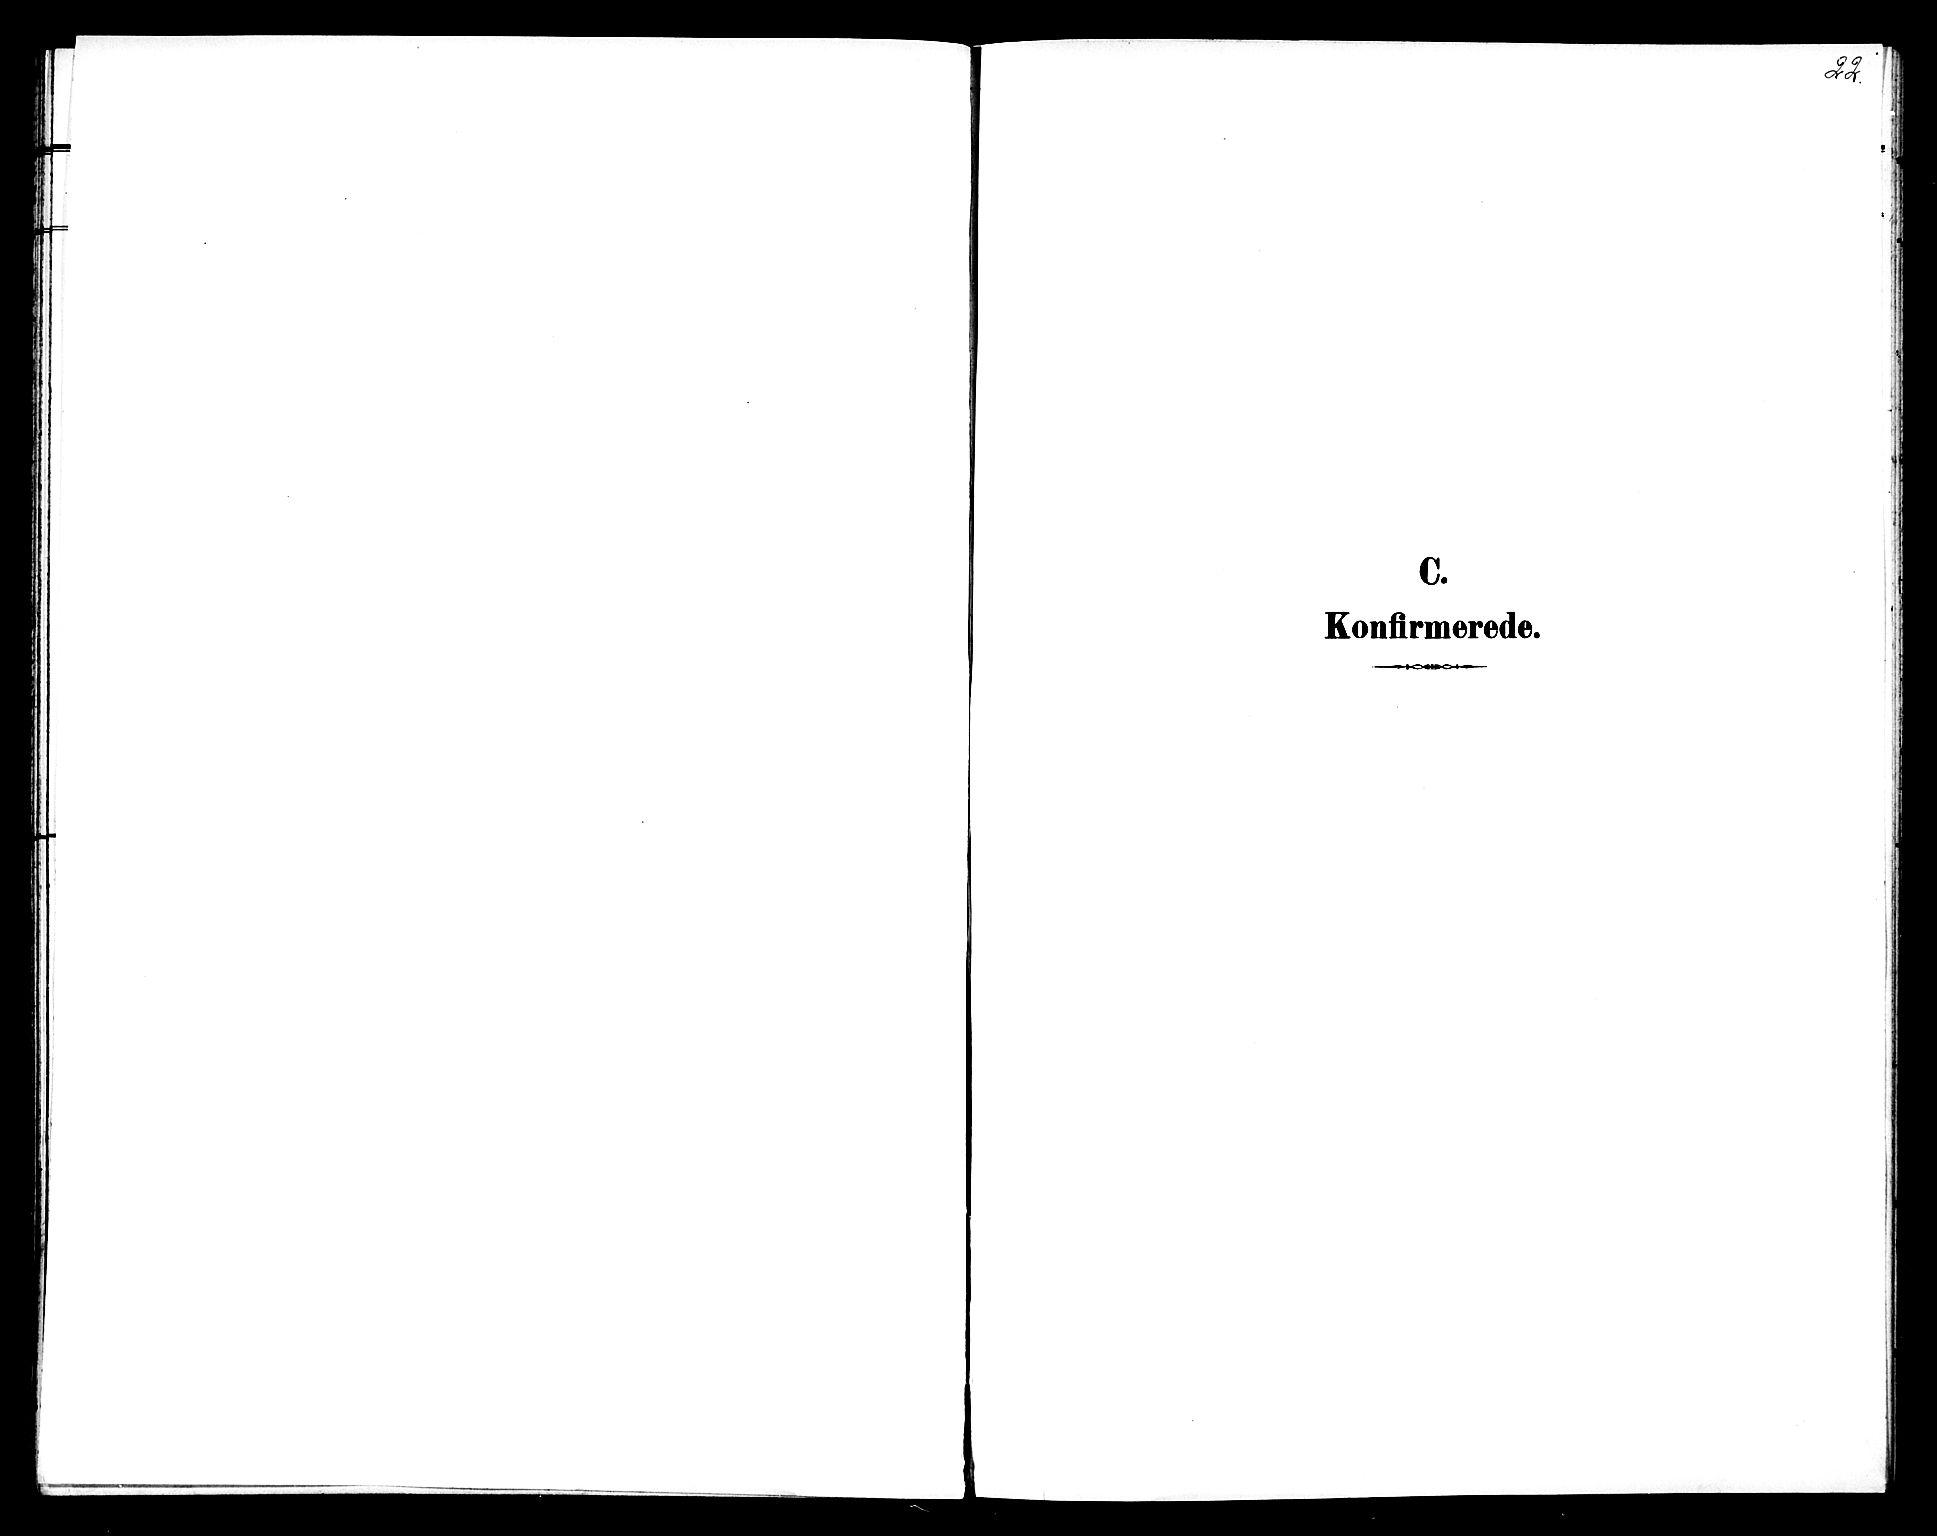 SAT, Ministerialprotokoller, klokkerbøker og fødselsregistre - Sør-Trøndelag, 602/L0144: Klokkerbok nr. 602C12, 1897-1905, s. 22